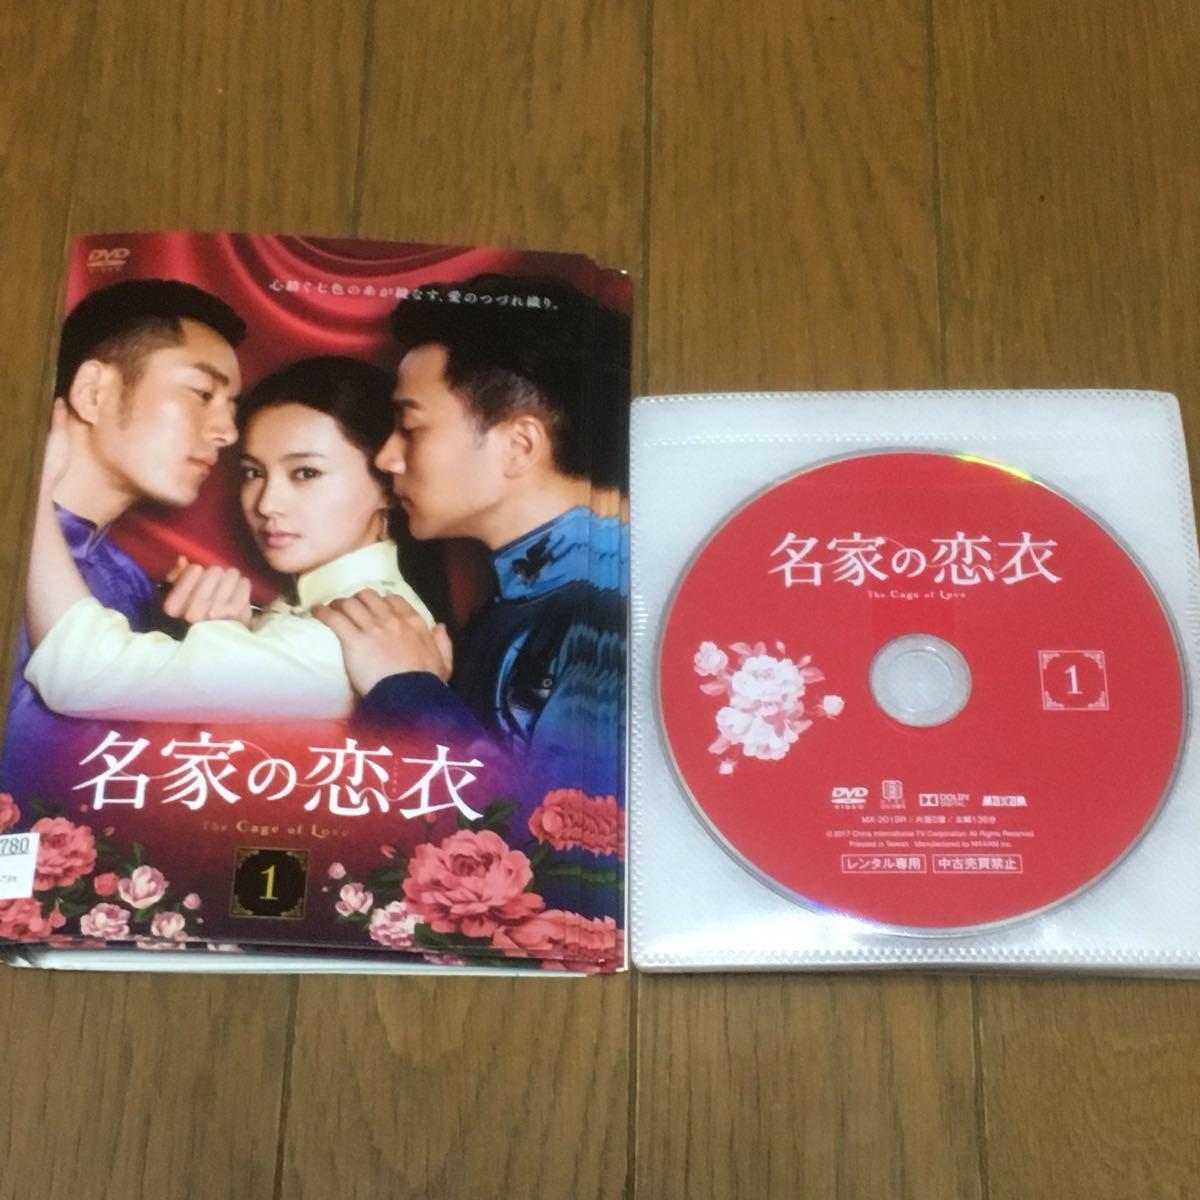 中国ドラマ『名家の恋衣』全話 DVD レンタル落ち